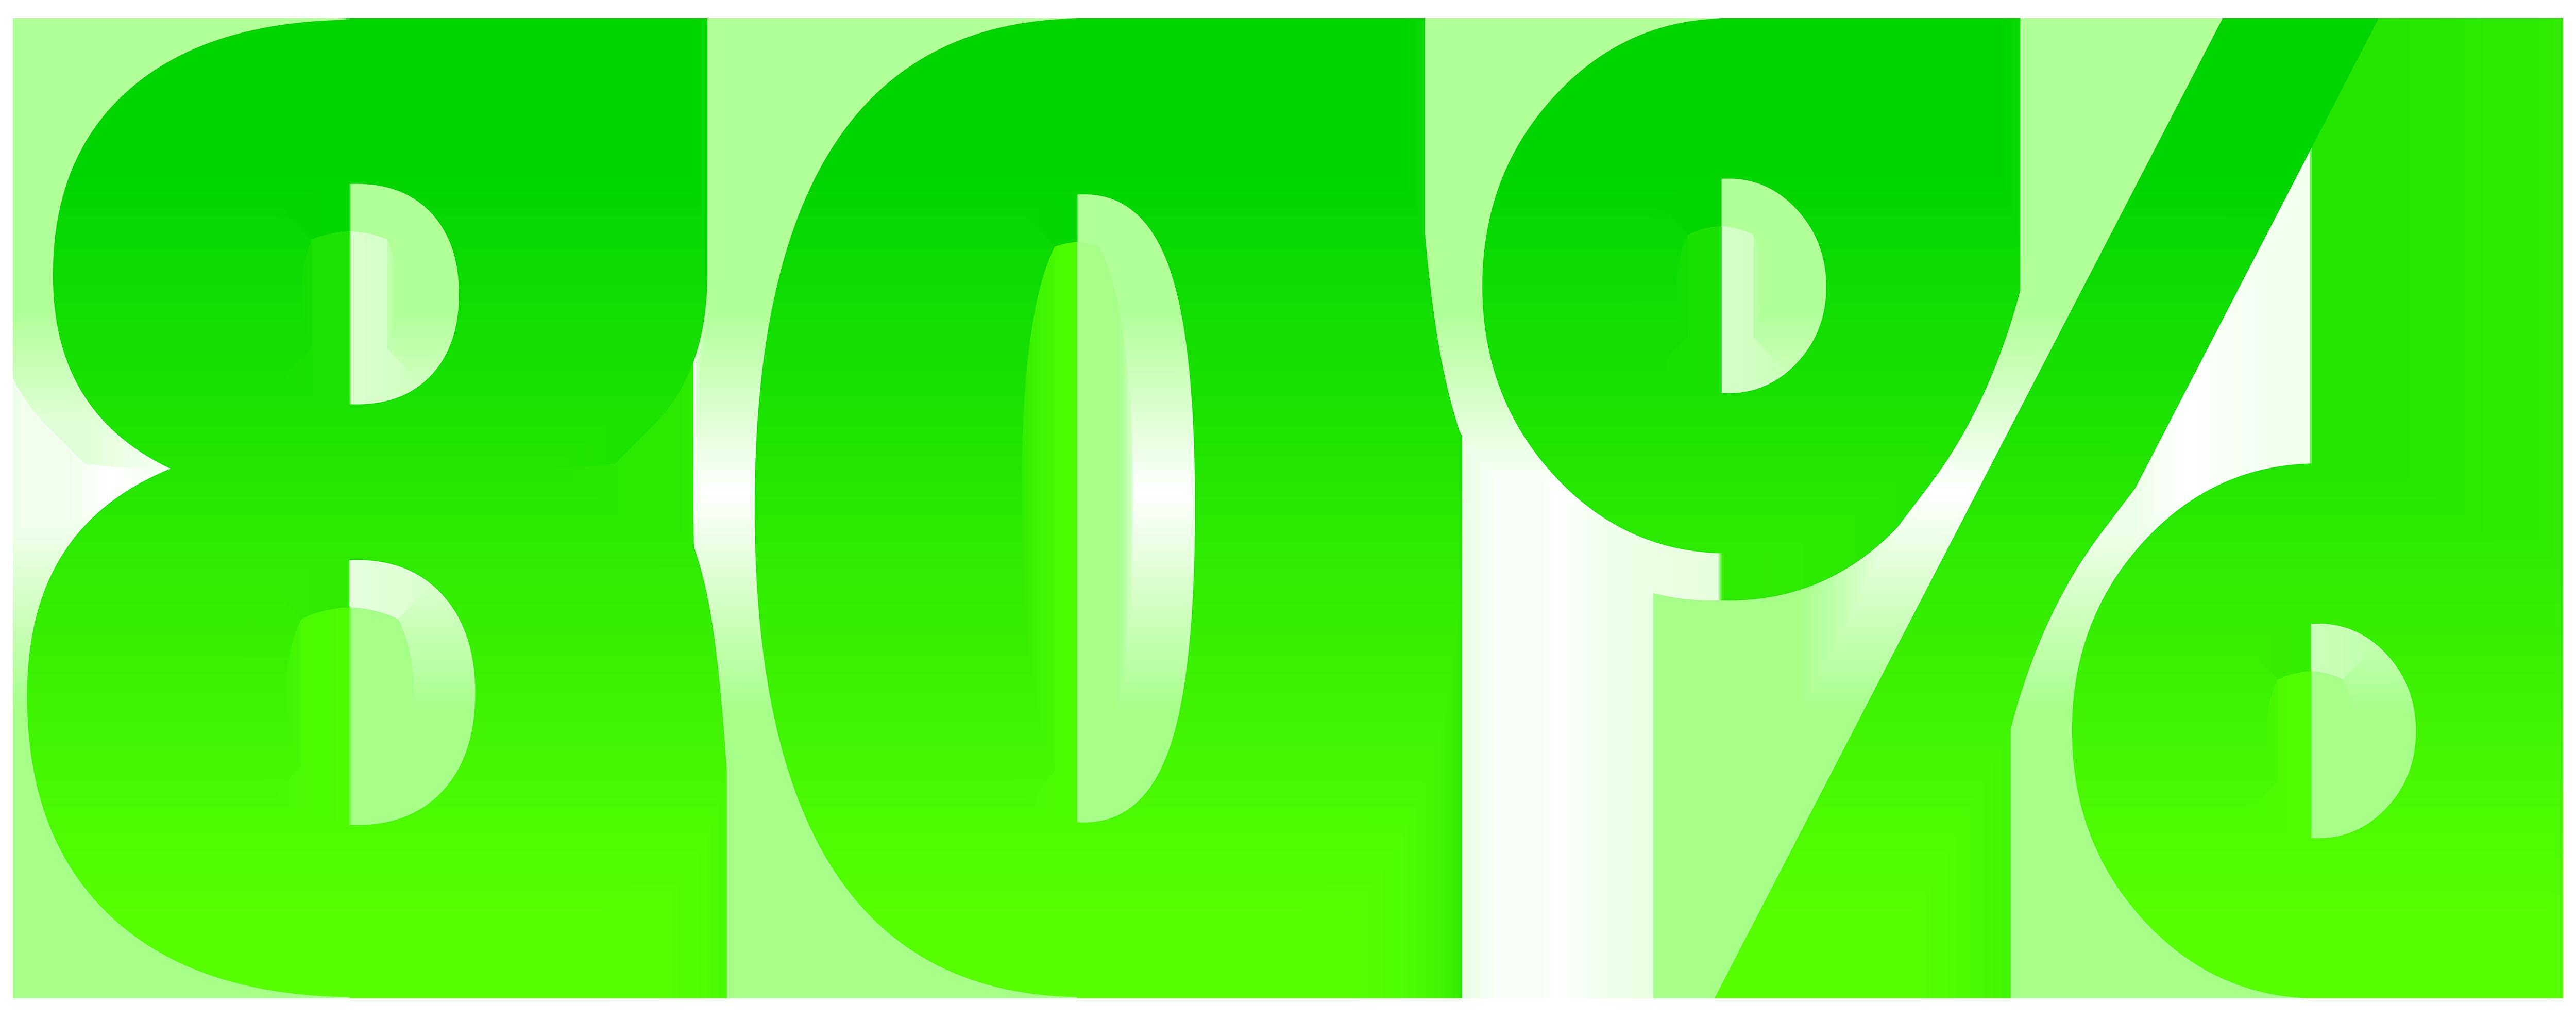 80 Off Sale Transparent PNG Clip Art Image clipart transparent library